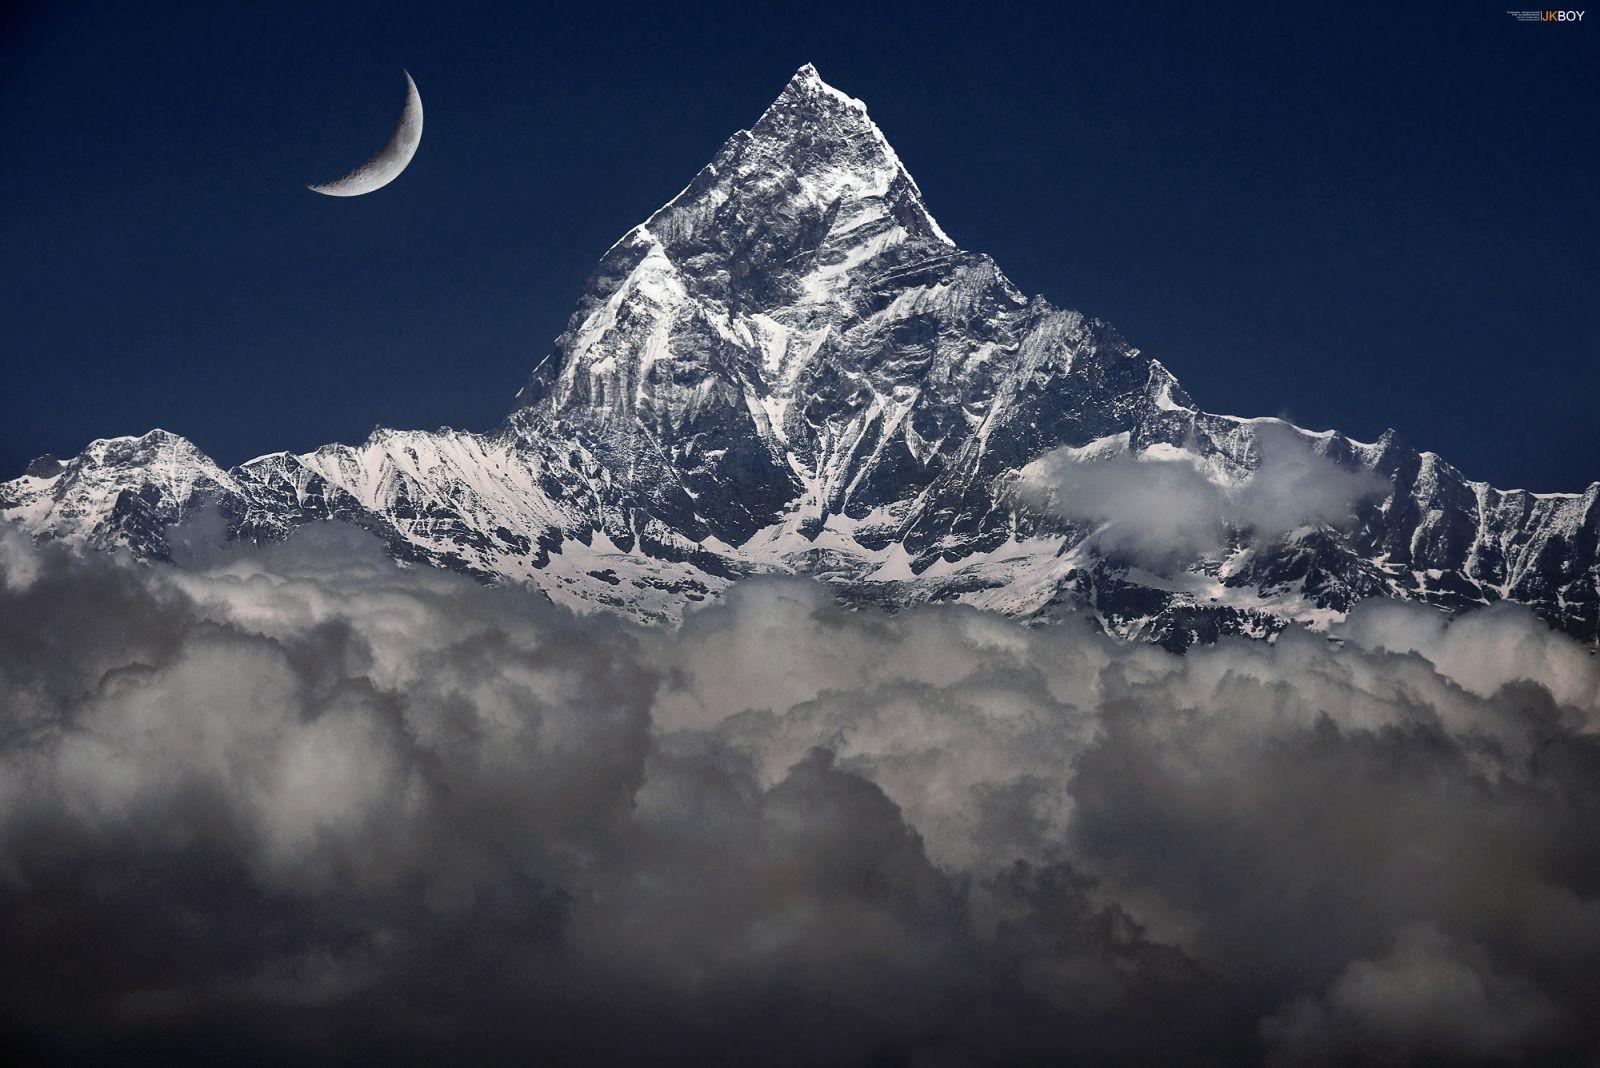 1 travel photography himalayas by jkboy jatenipat